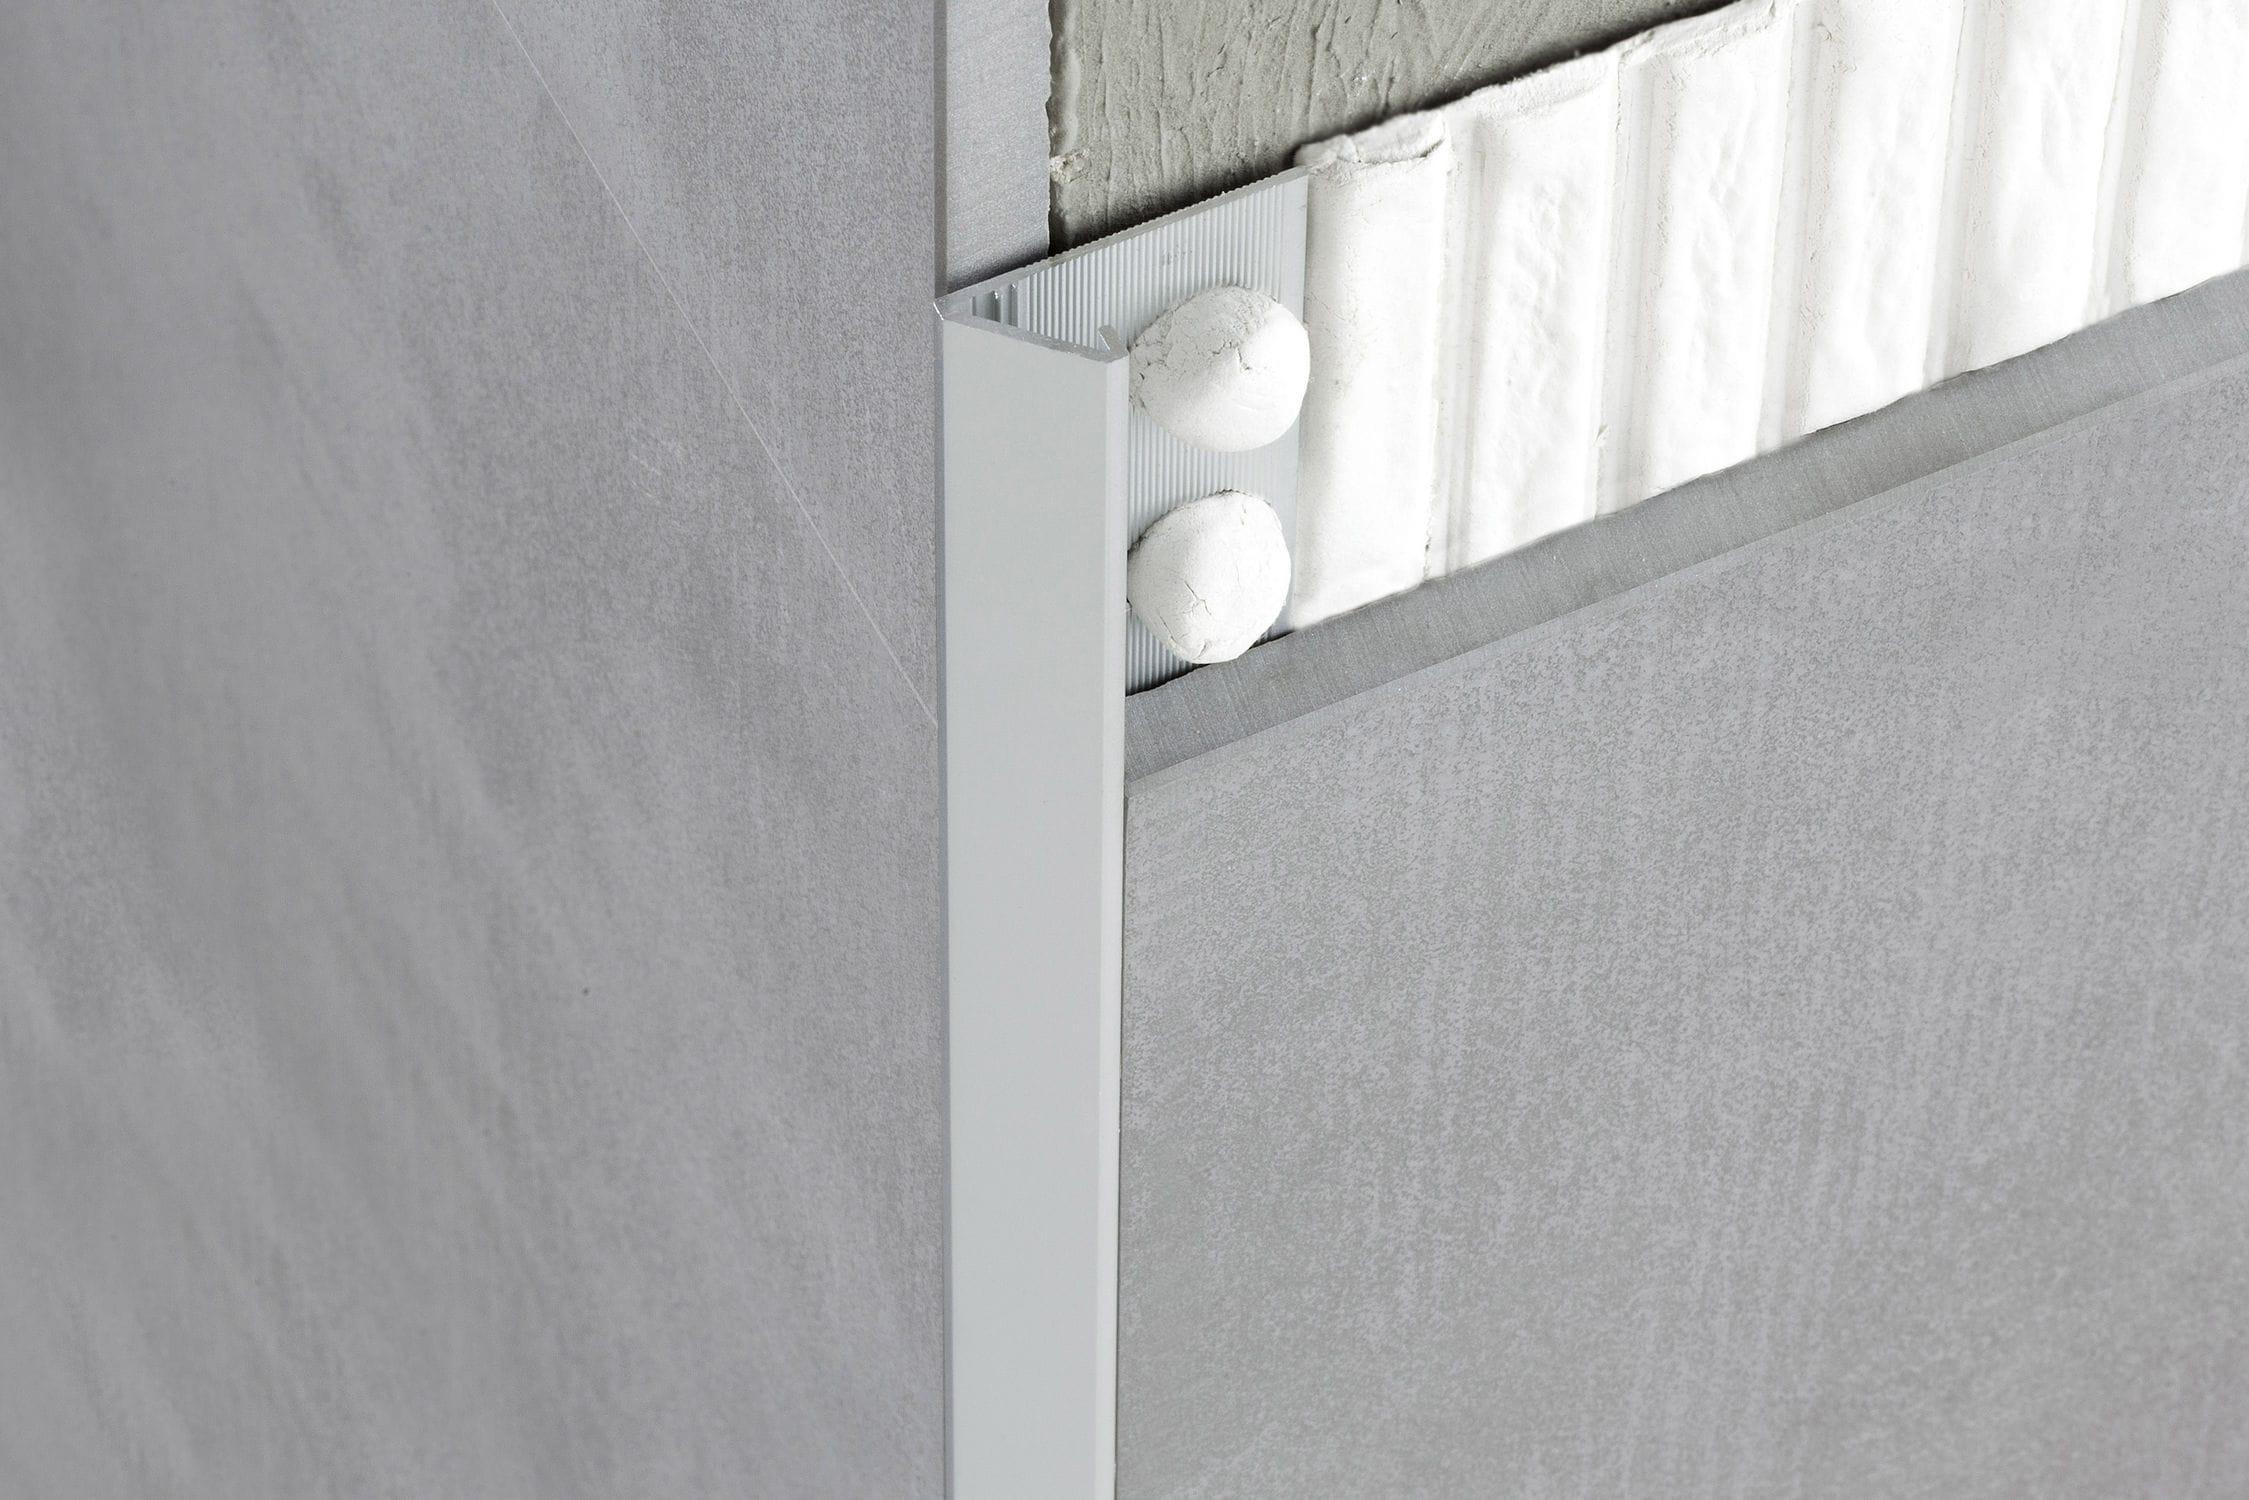 Aluminum Edge Trim Outside Corner For Tiles